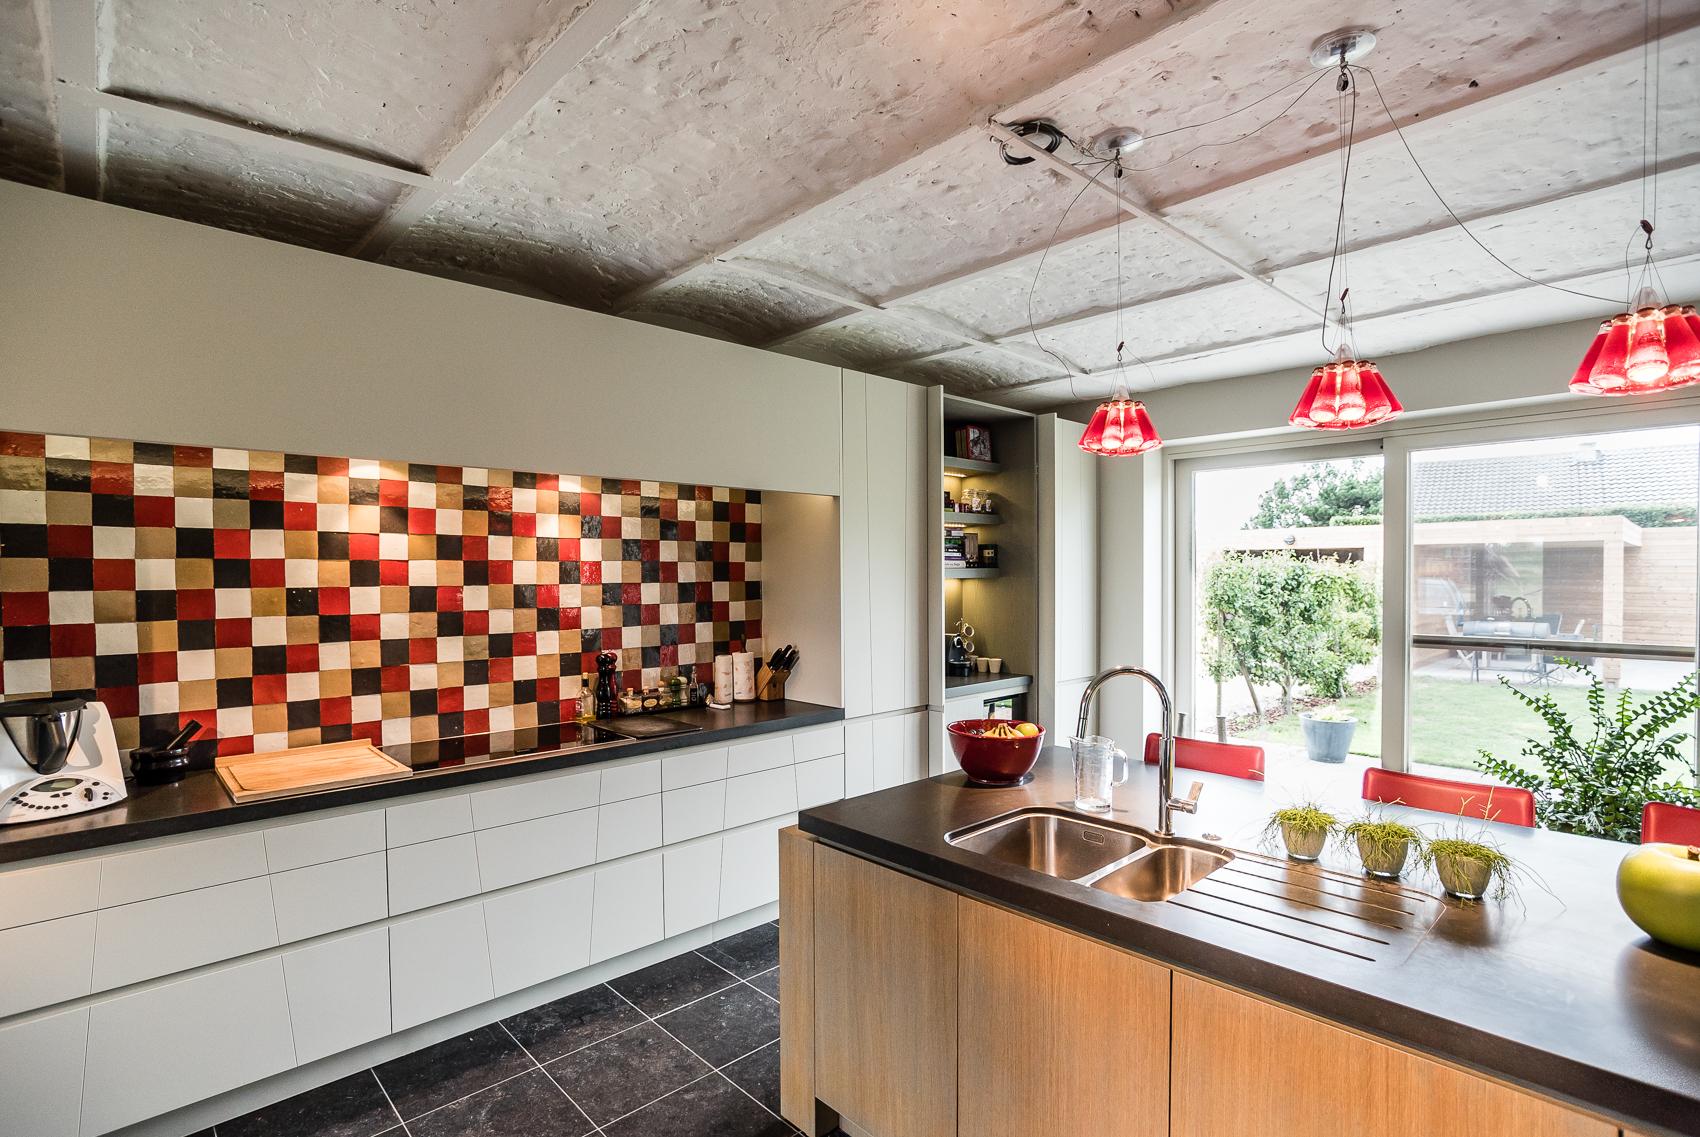 Keuken in gerenoveerde hoeve - Foto door Dirk De Cubber